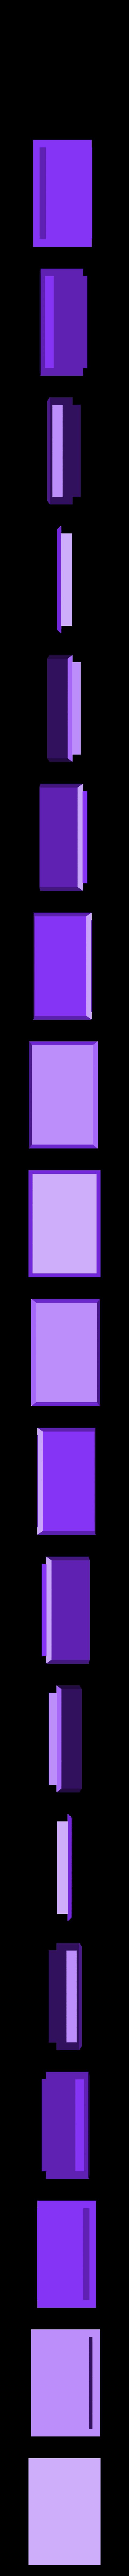 BlockBack06_07.stl Download STL file Playing Card Tiles • Object to 3D print, Jinja